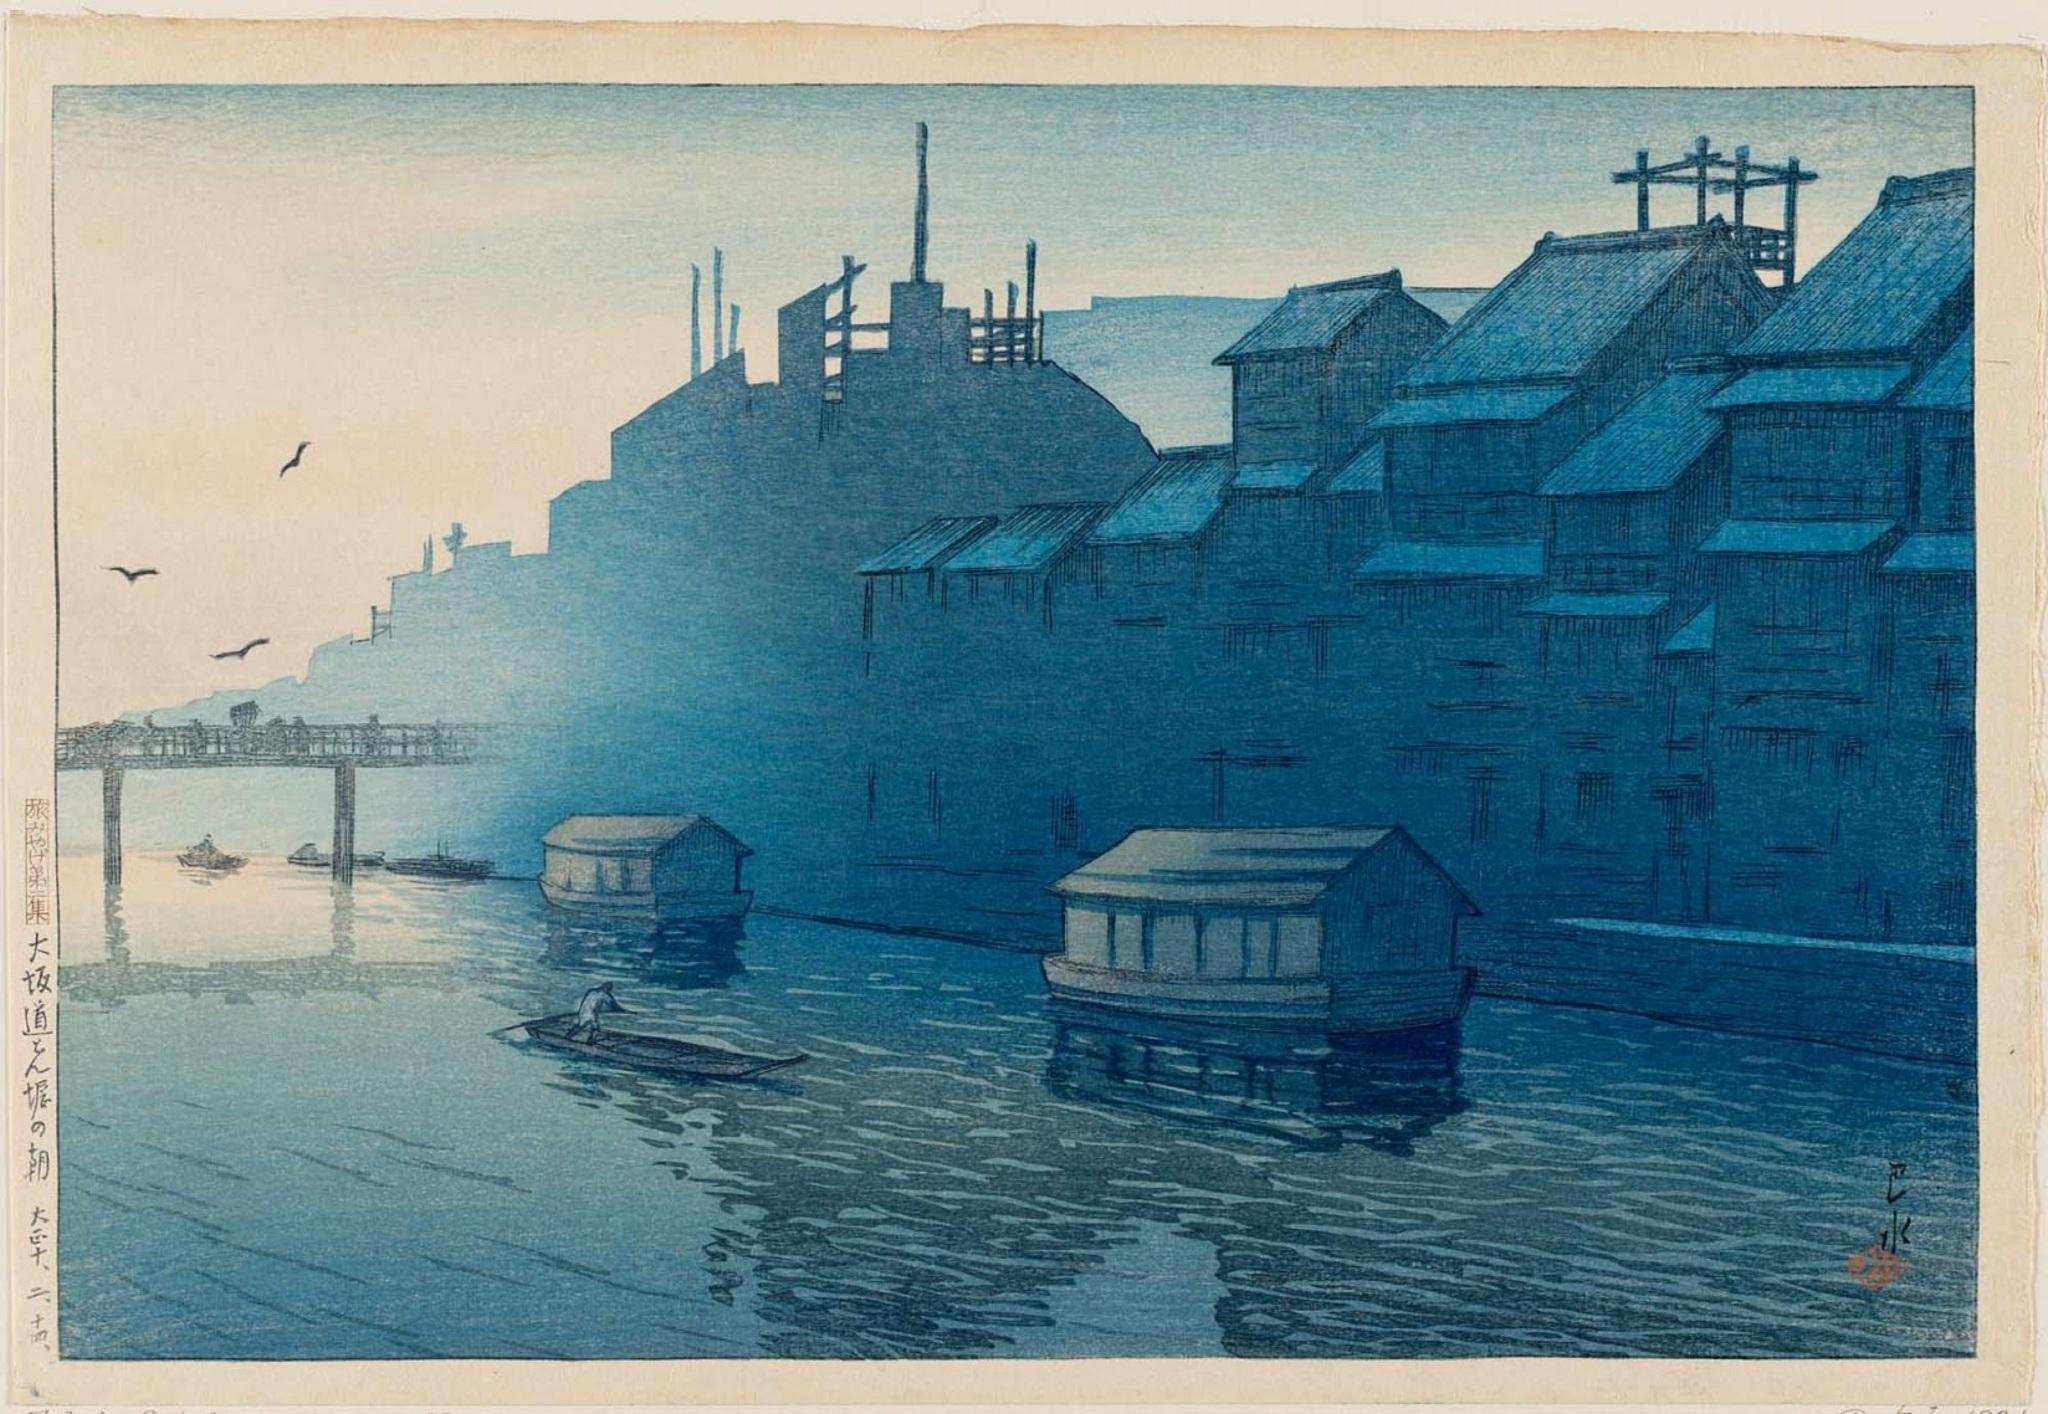 Arte, Xilogravura, Shin-hanga, Tabi miyage dai nishū, Ōsaka Dōtonbori no asa, Kawase Hasui